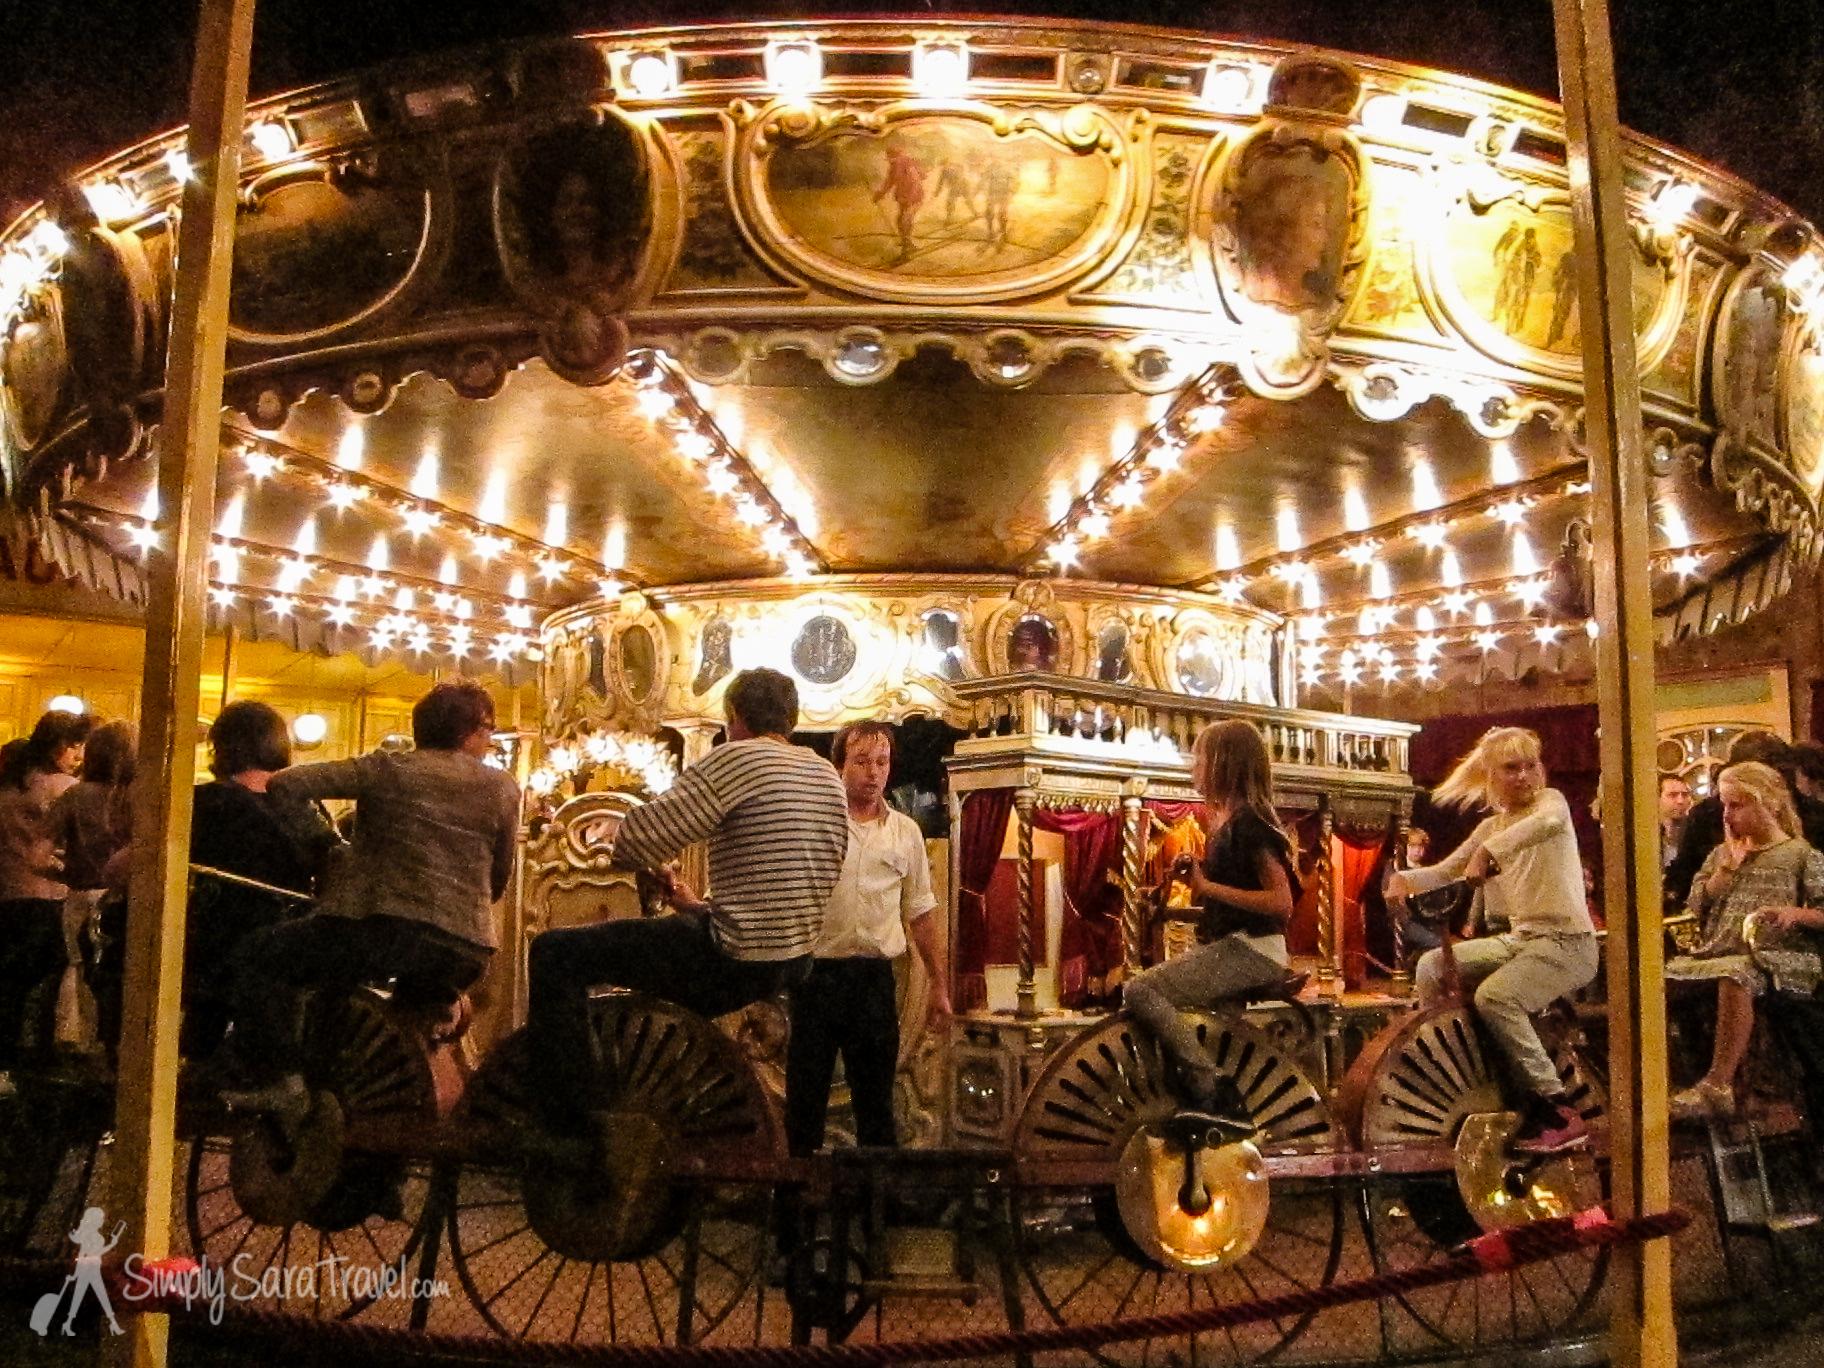 A crowd favorite, the velocipede